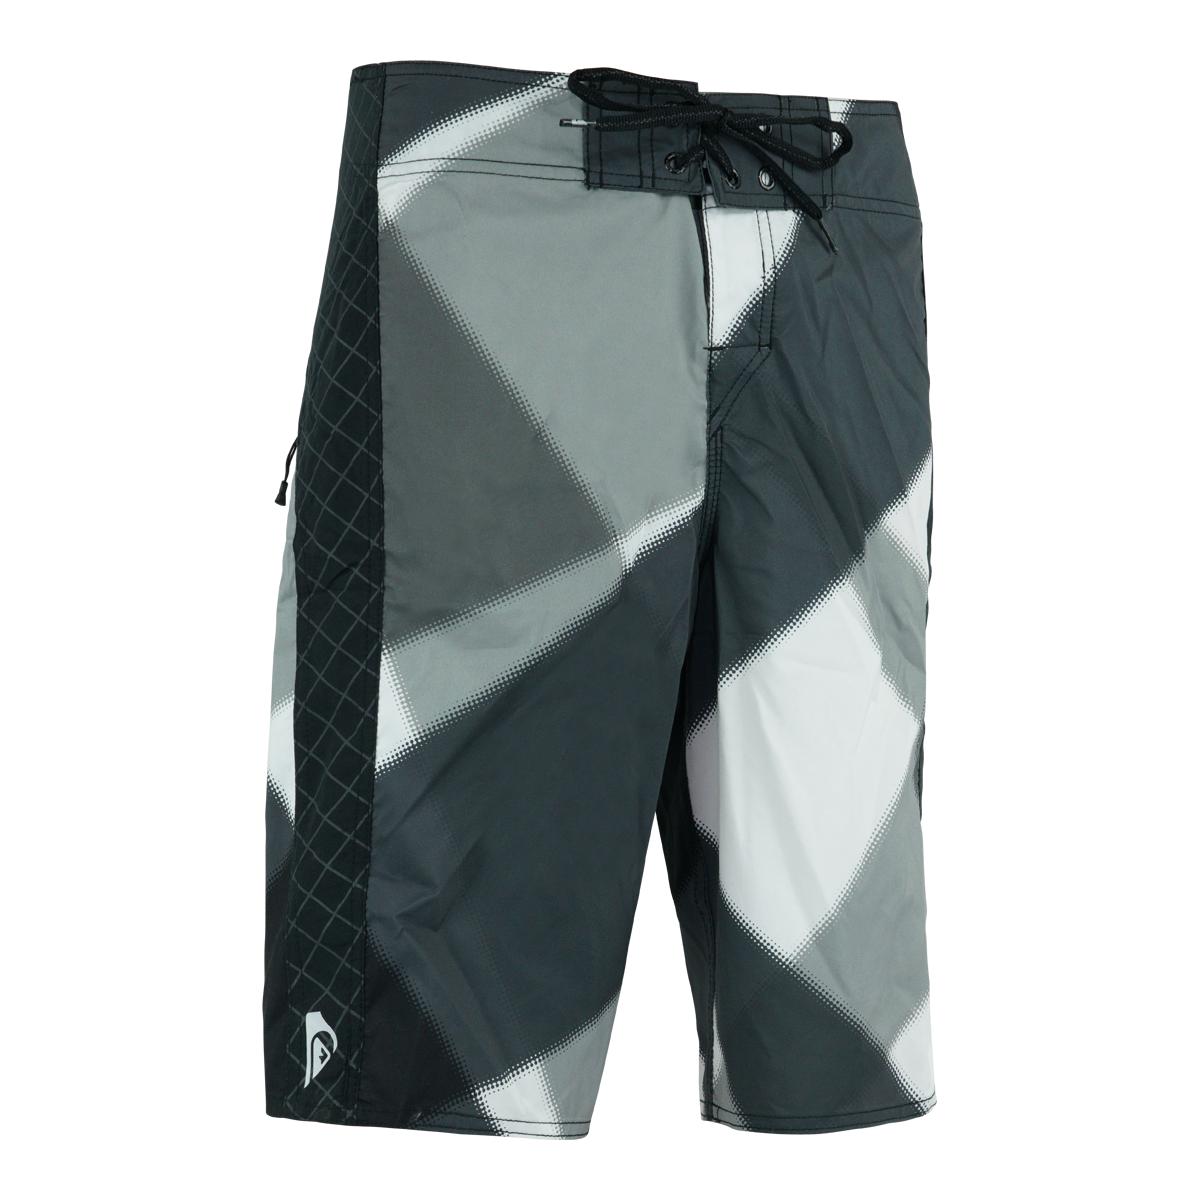 Quiksilver-Men-039-s-Geometric-Print-Boardshorts thumbnail 3